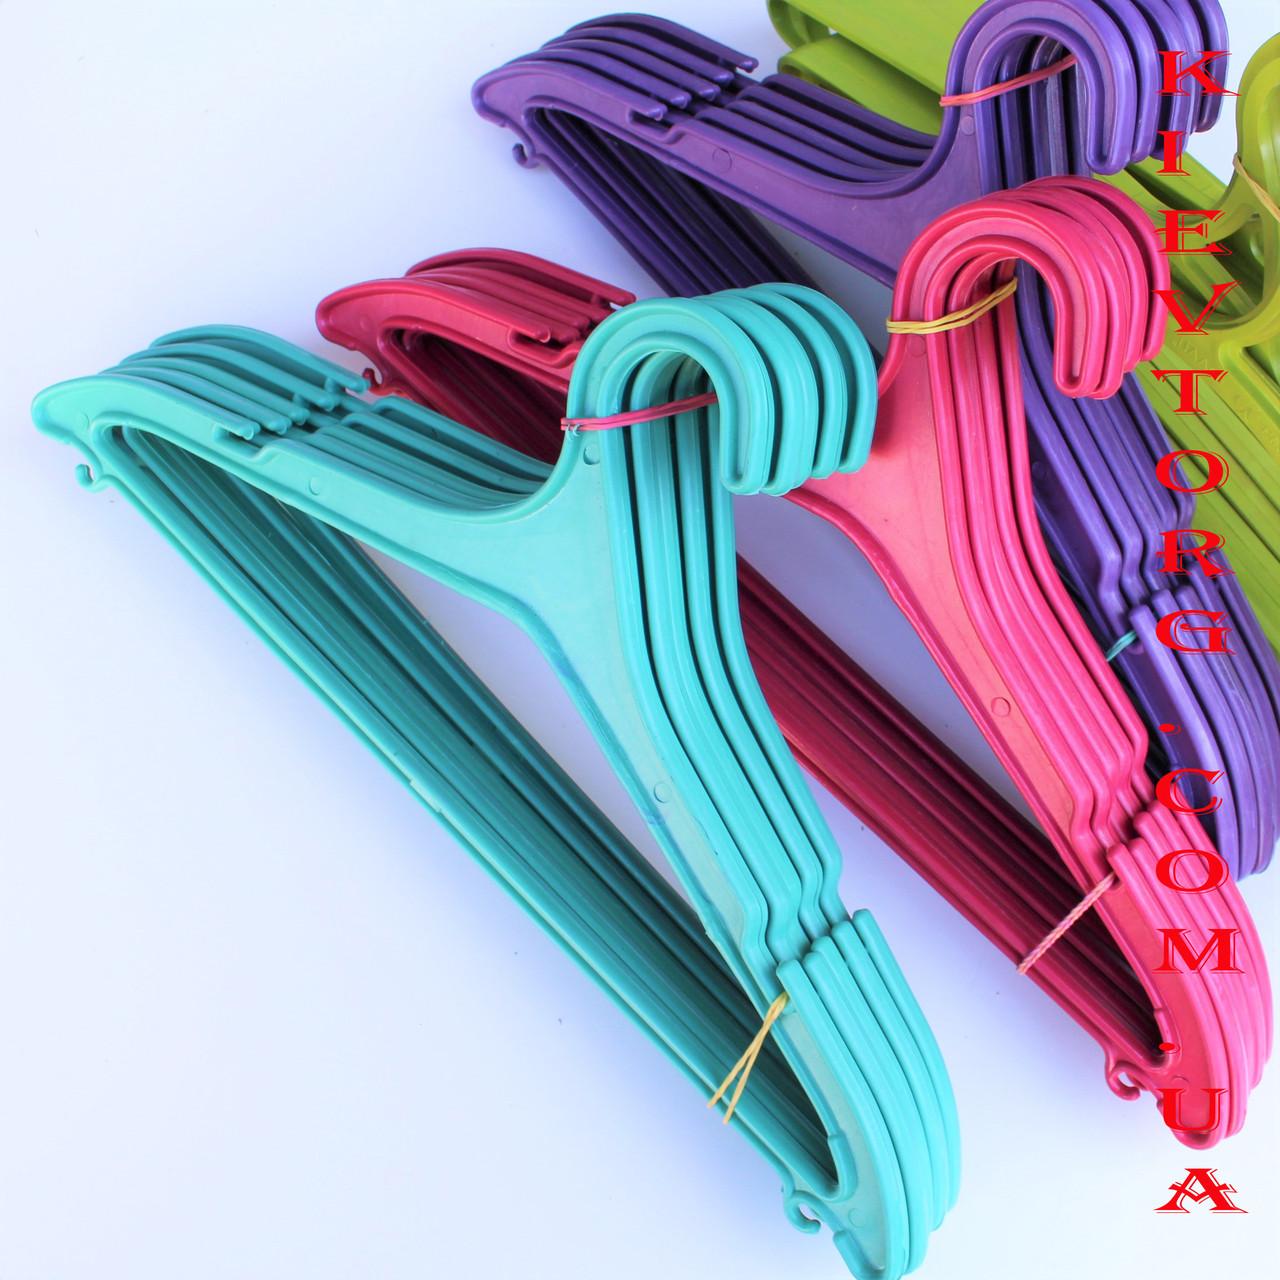 Вешалки плечики тремпеля для тяжелой верхней одежды, курток, пальто пластиковые разноцветные, 5 шт